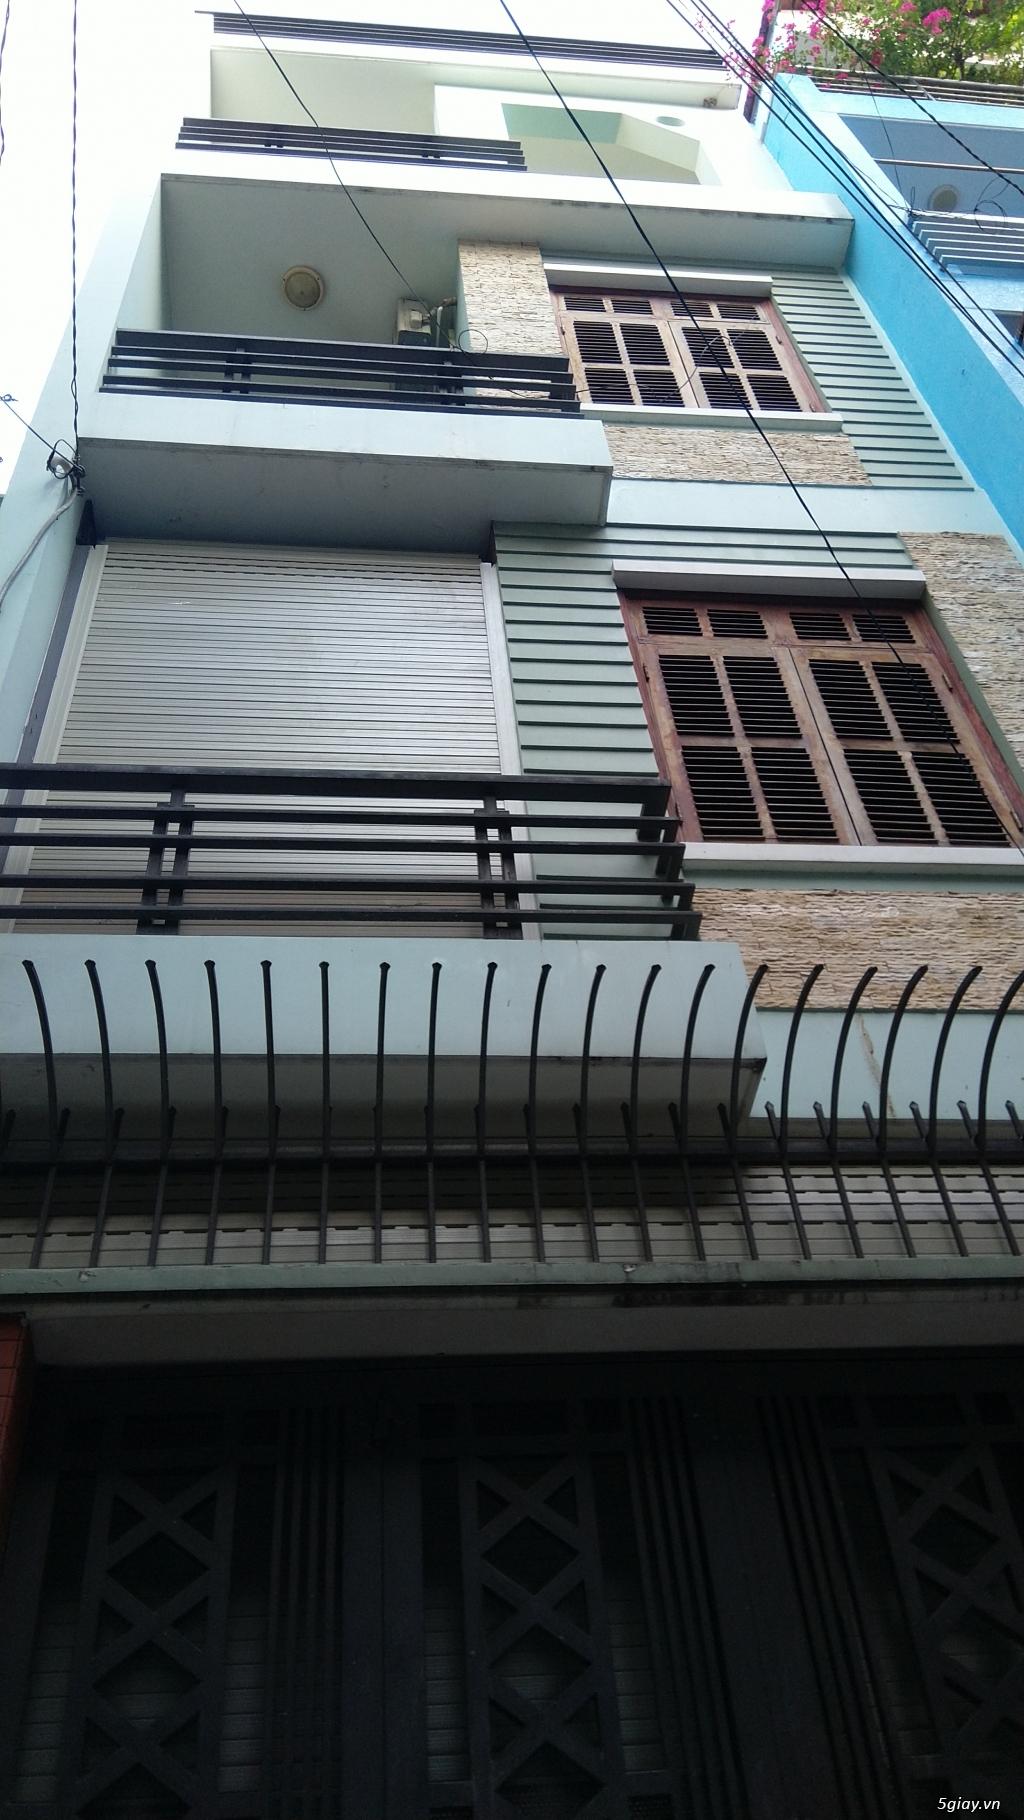 Cho Thuê : Nhà Nguyên Căn Quận 10 , hẻm 1 xẹt rộng , khu vực an ninh